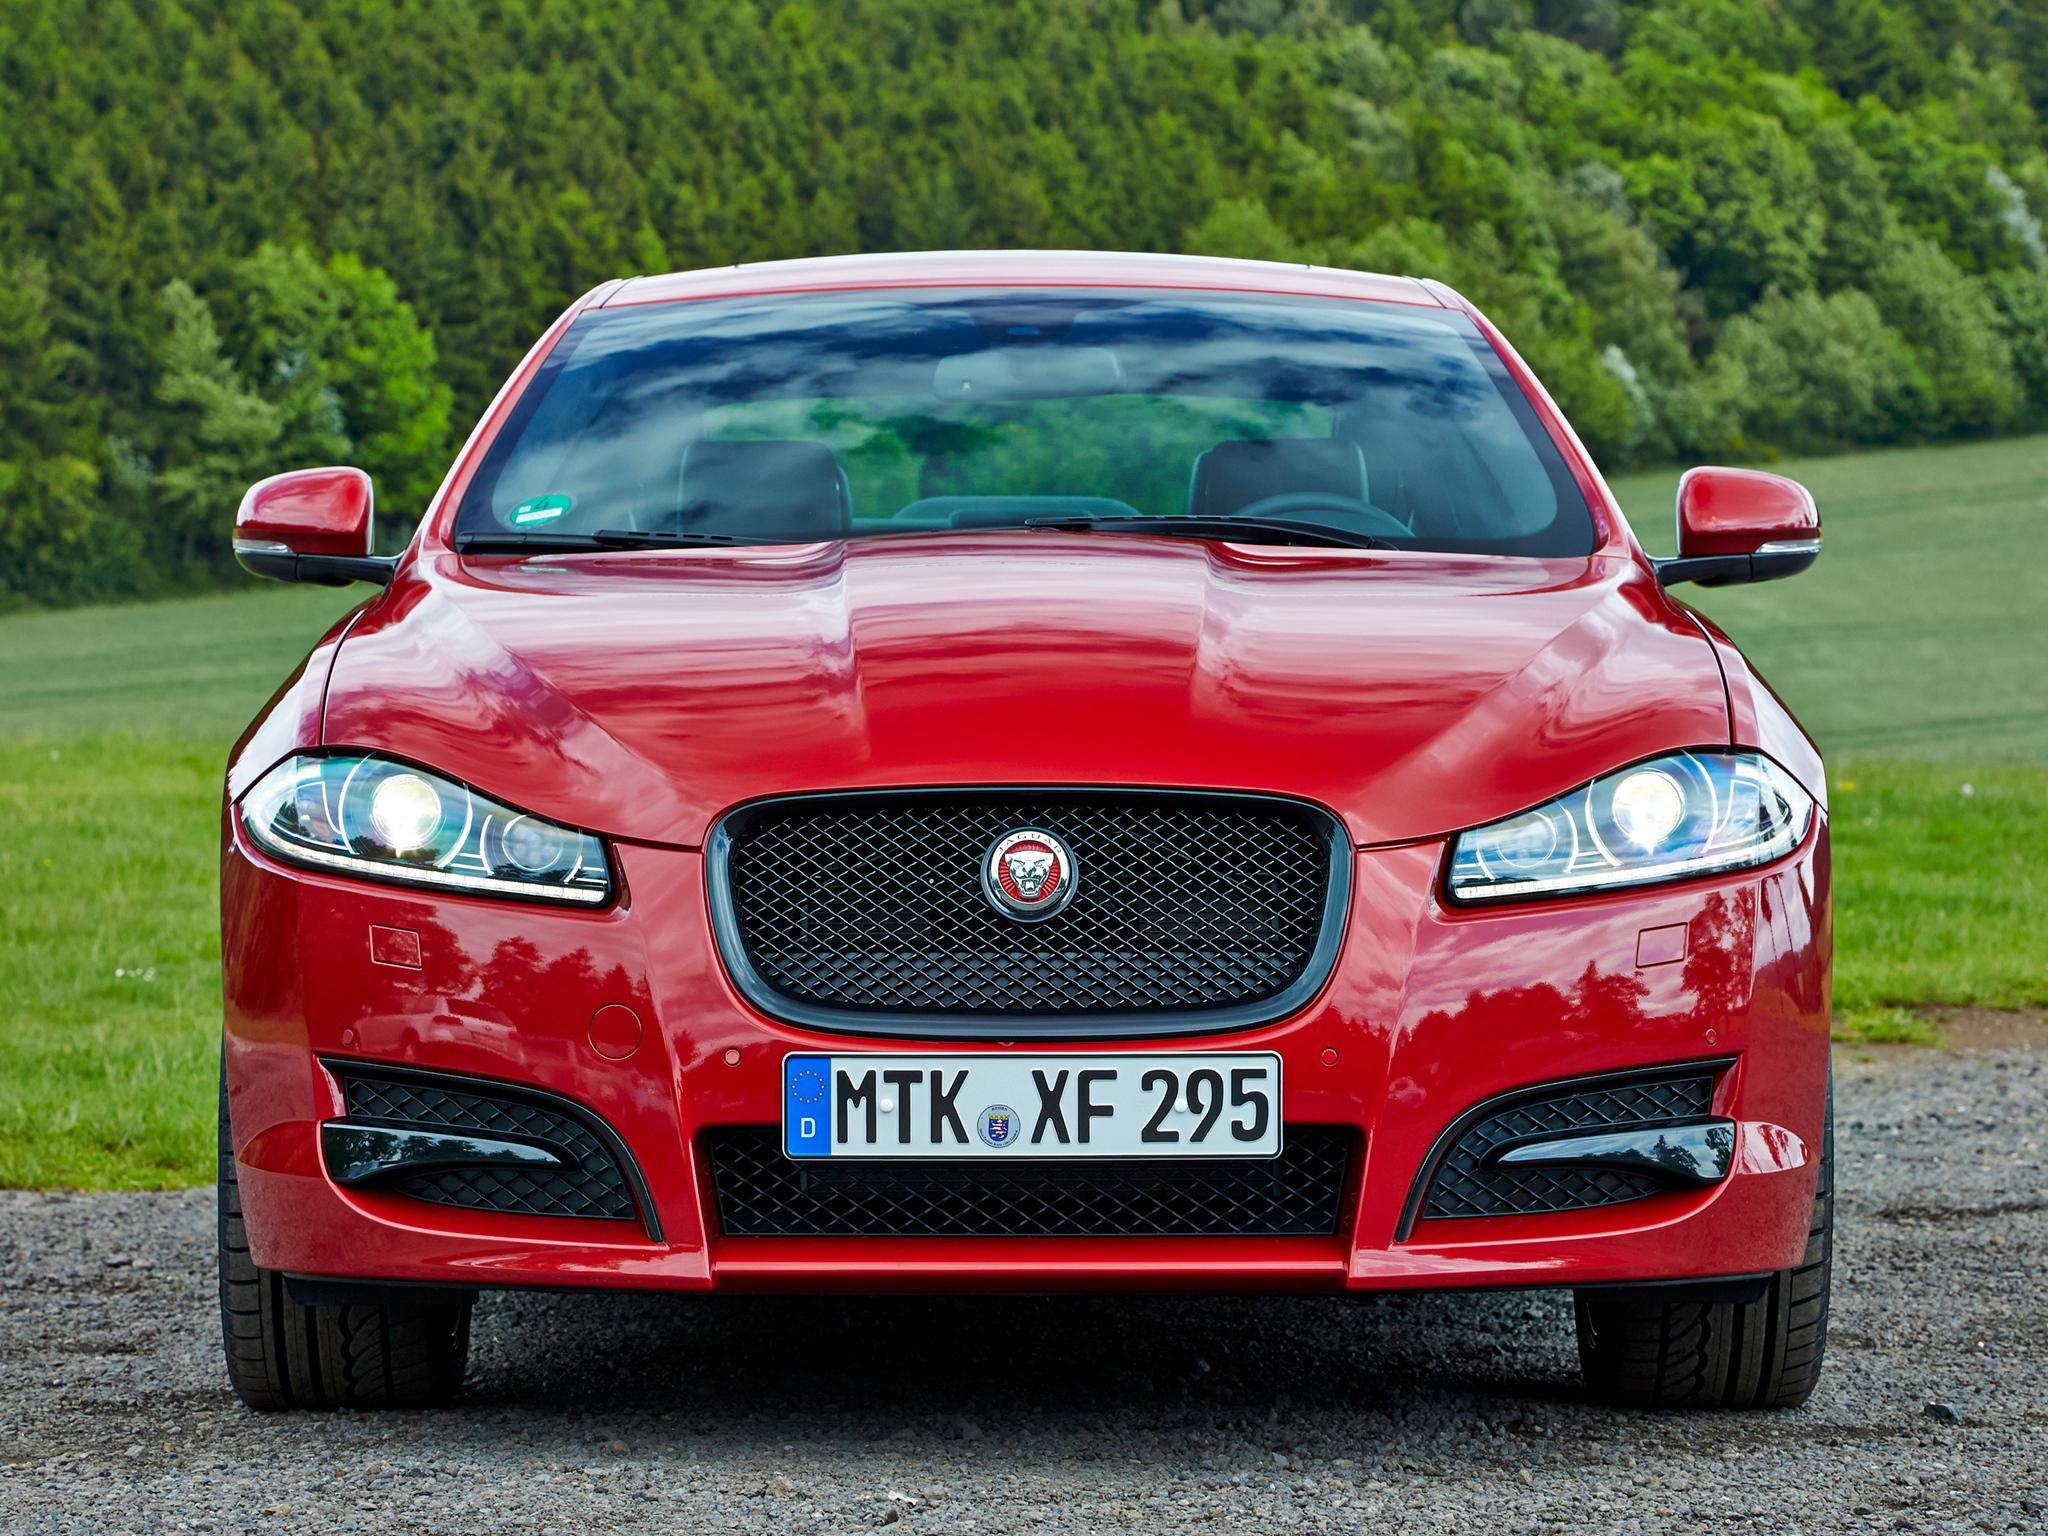 автомобиль ягуар красный фото магического